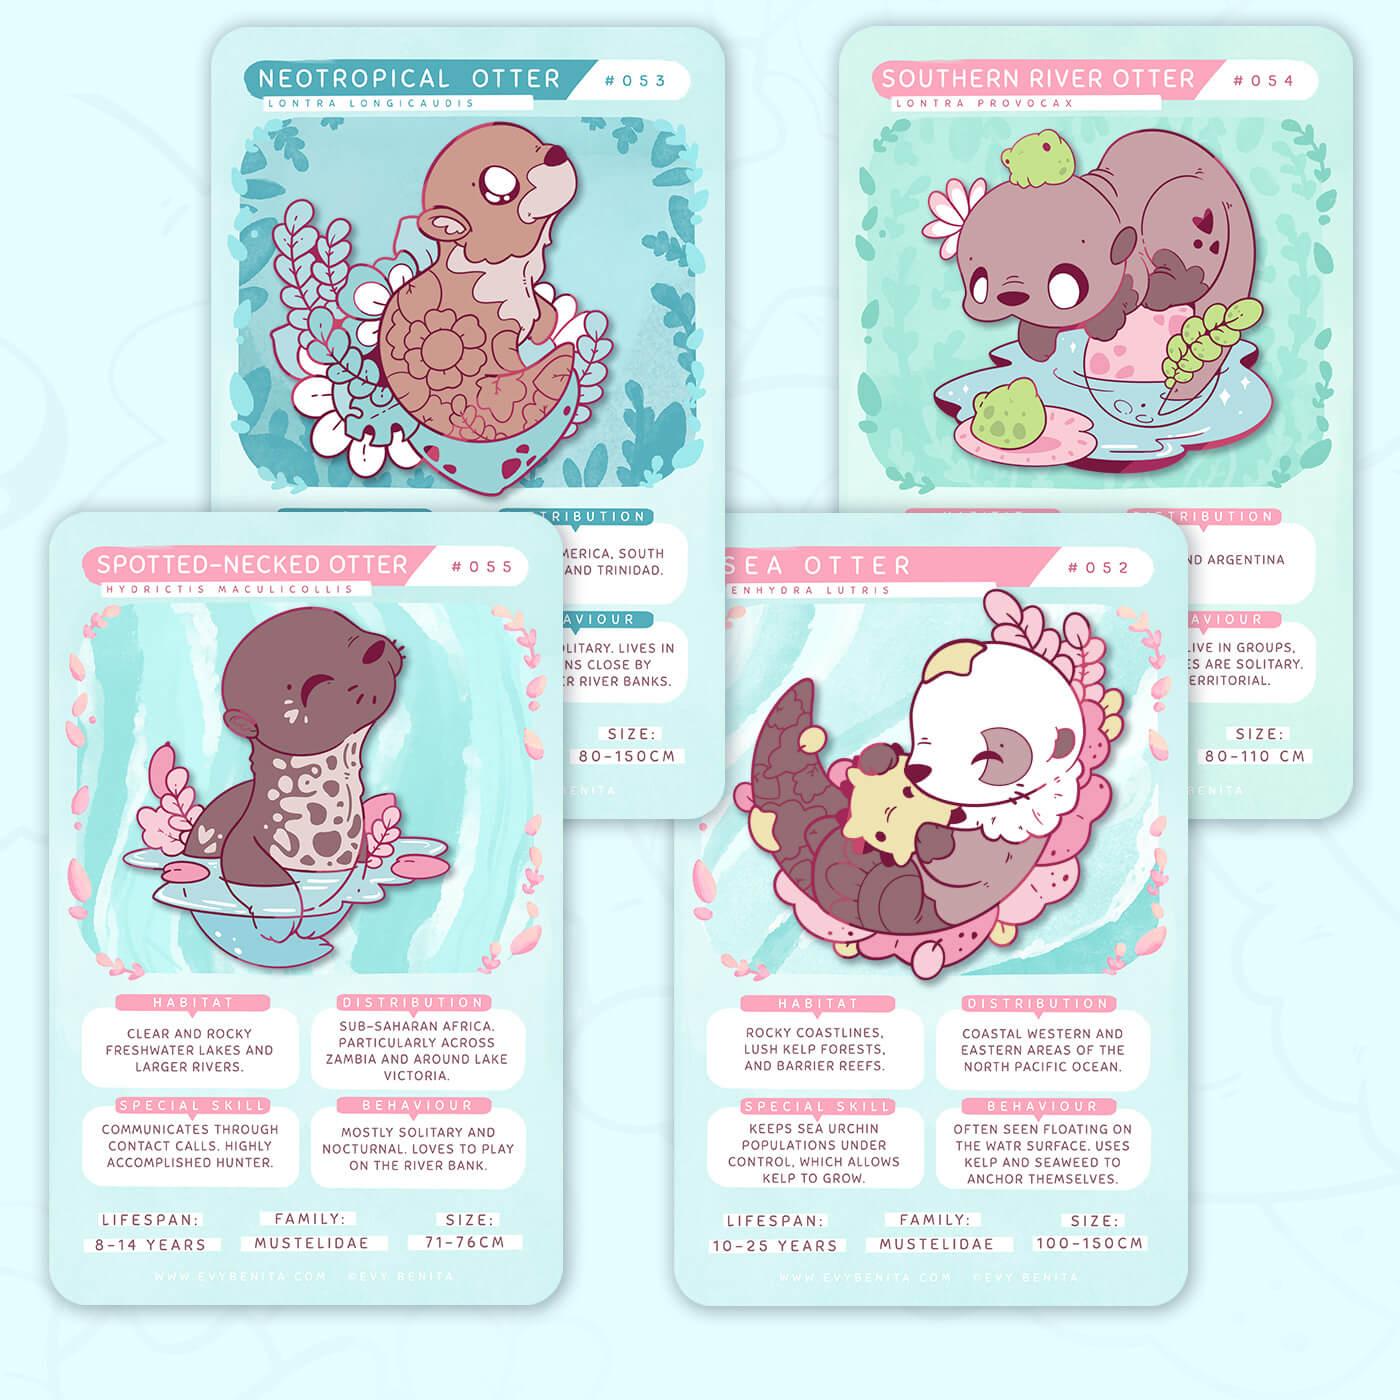 April Pin Club Theme: Otter Species